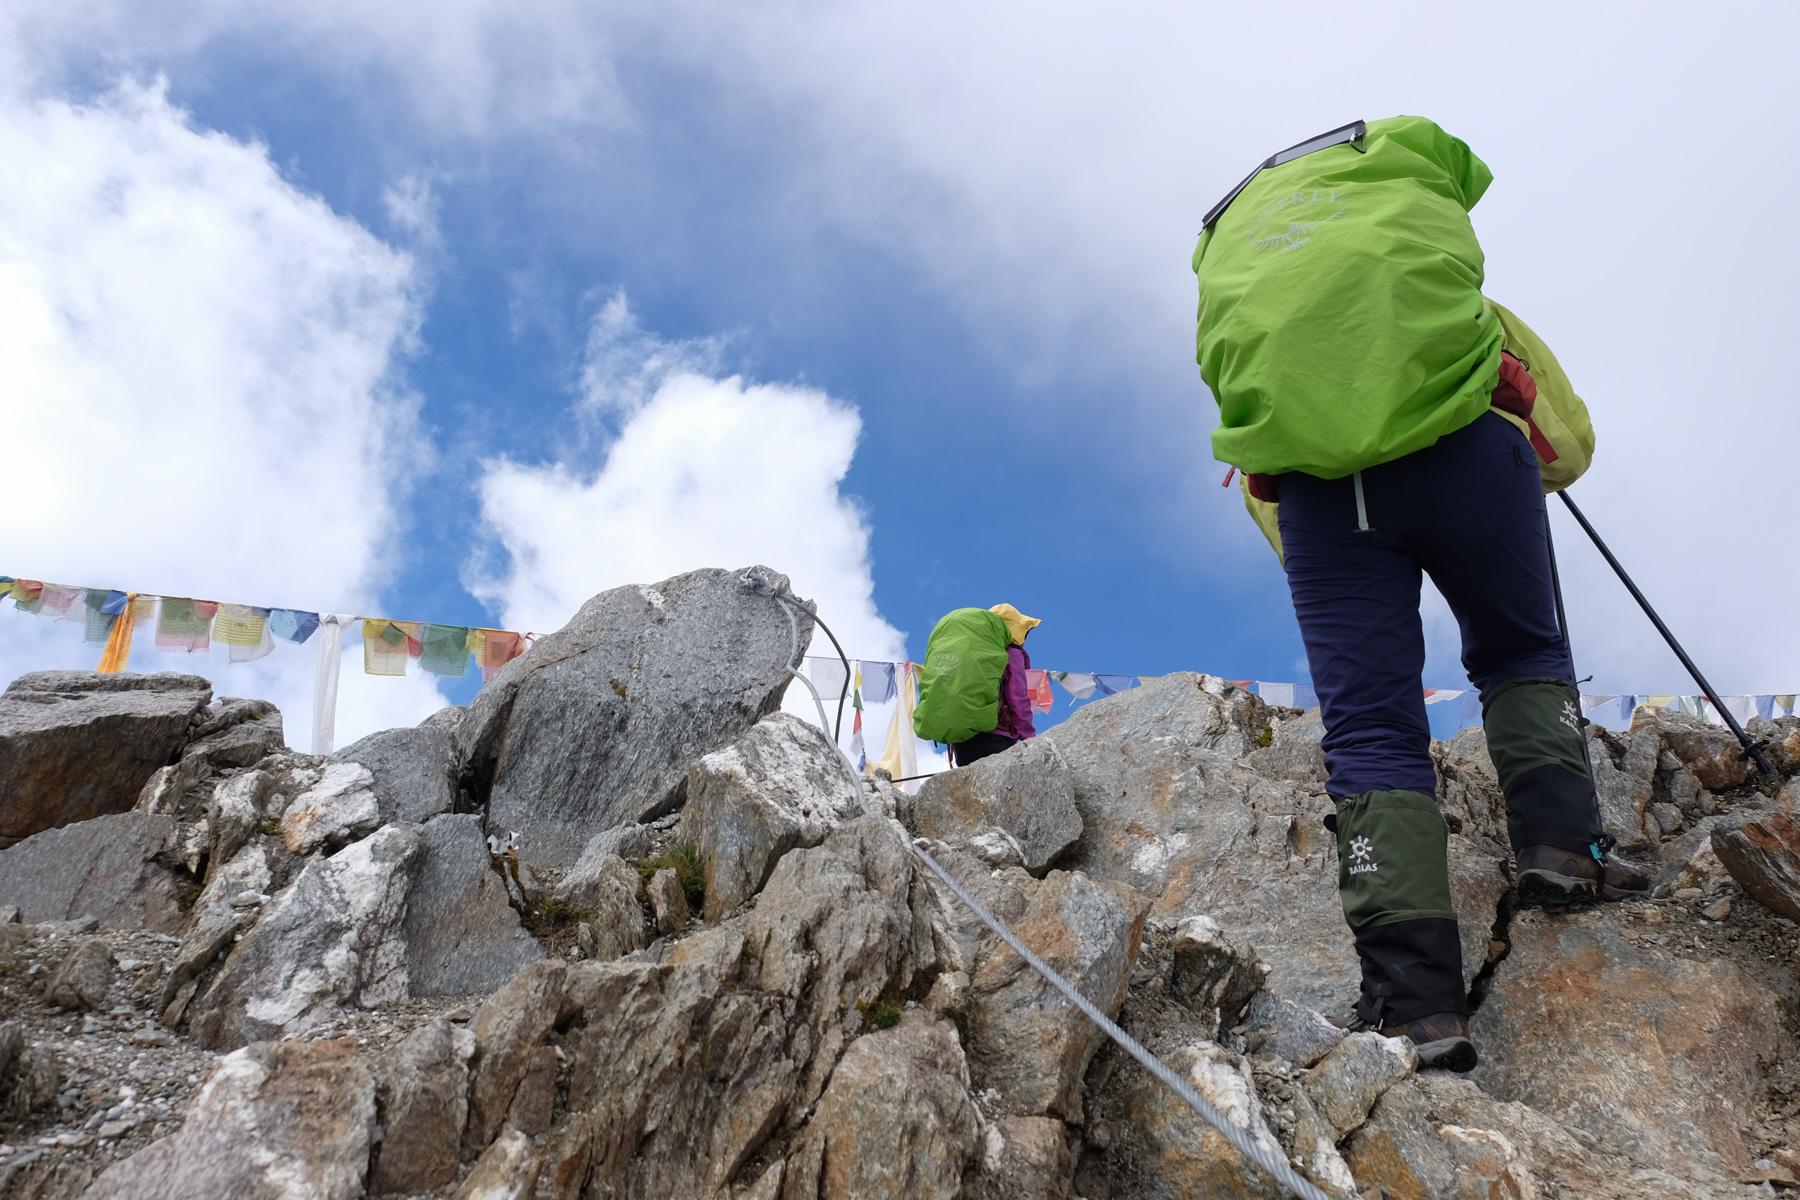 Kala Patthar & Gokyo, Everest 3 pass #3 56